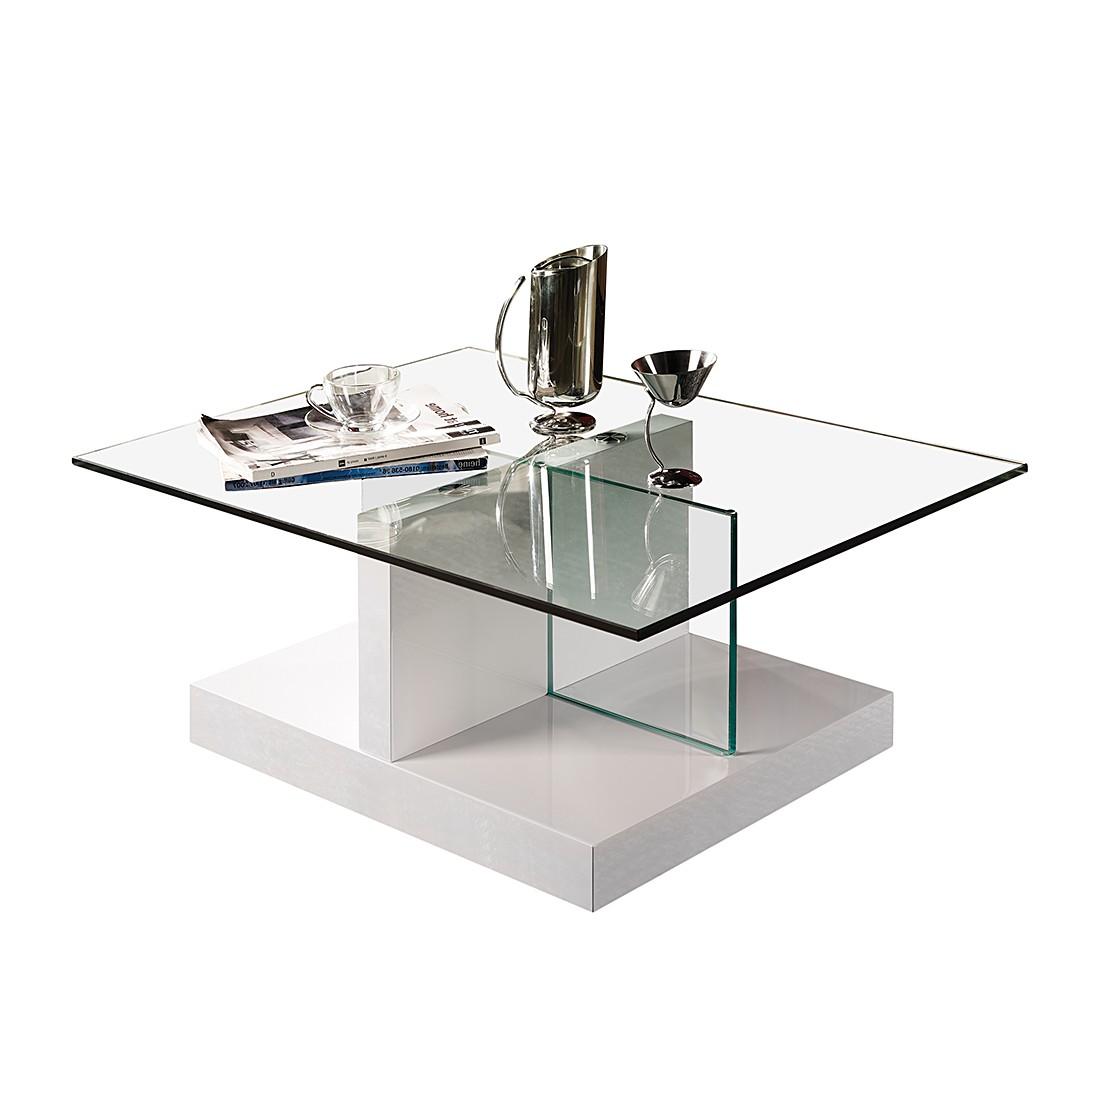 couchtisch lola hochglanz wei klarglas home design. Black Bedroom Furniture Sets. Home Design Ideas